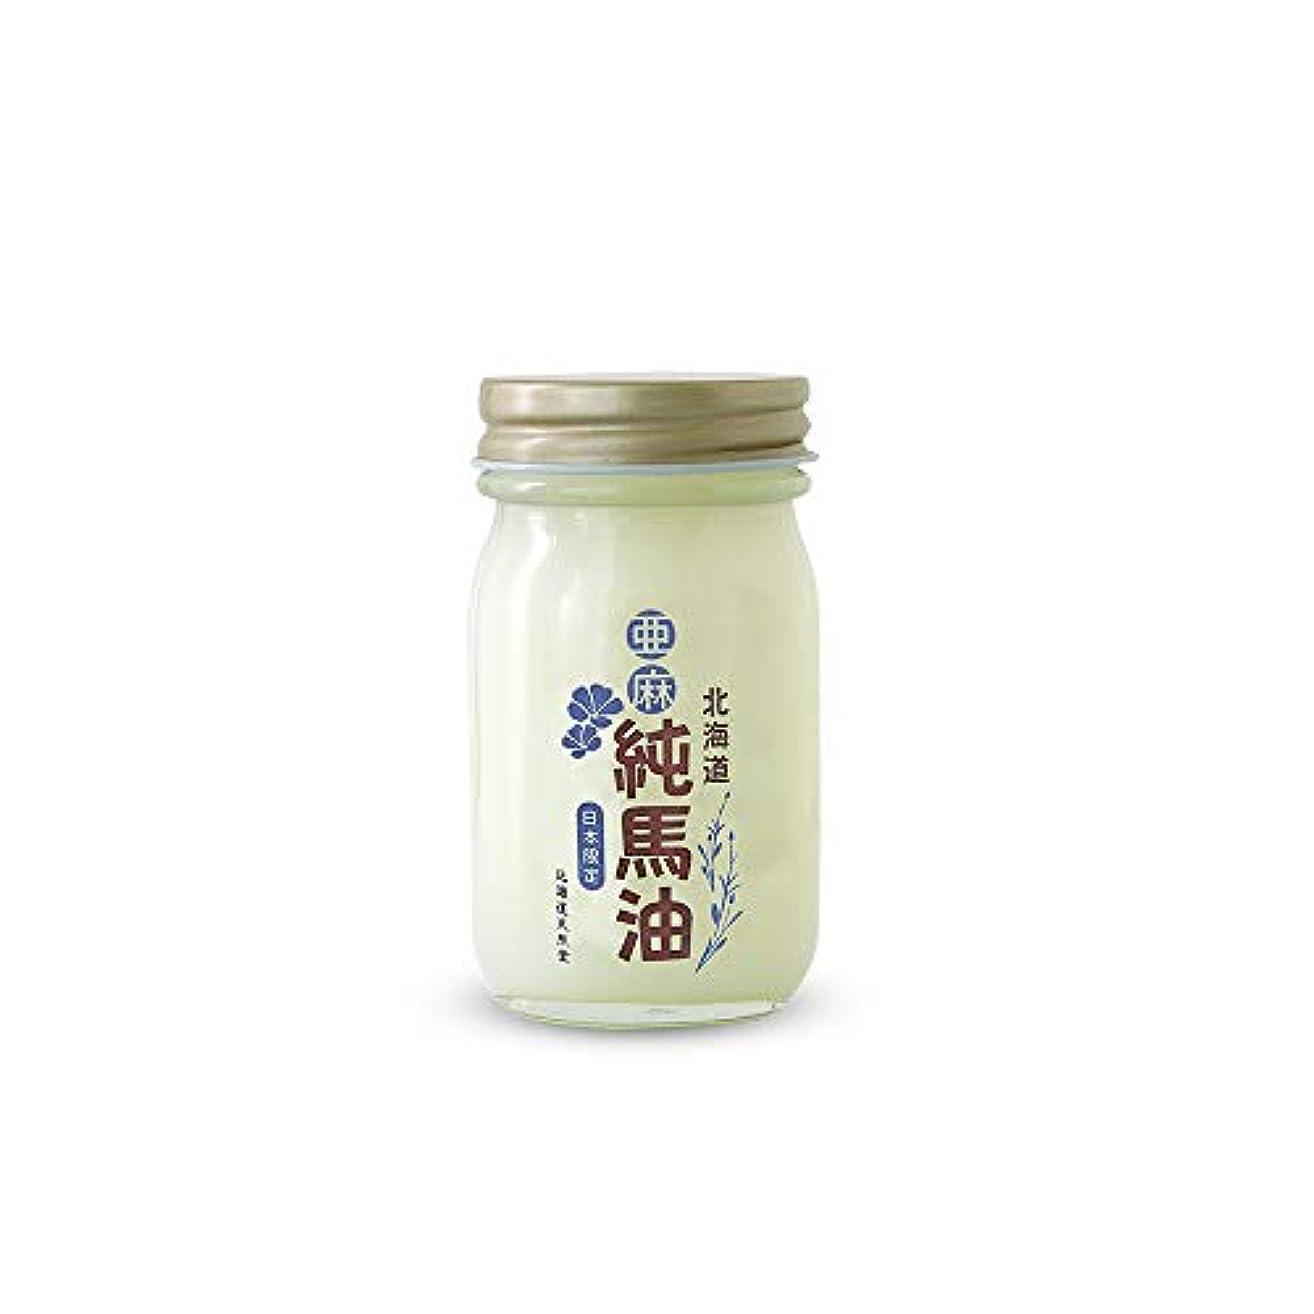 ショットフェザー飢アマ純馬油 80g / 北海道天然堂